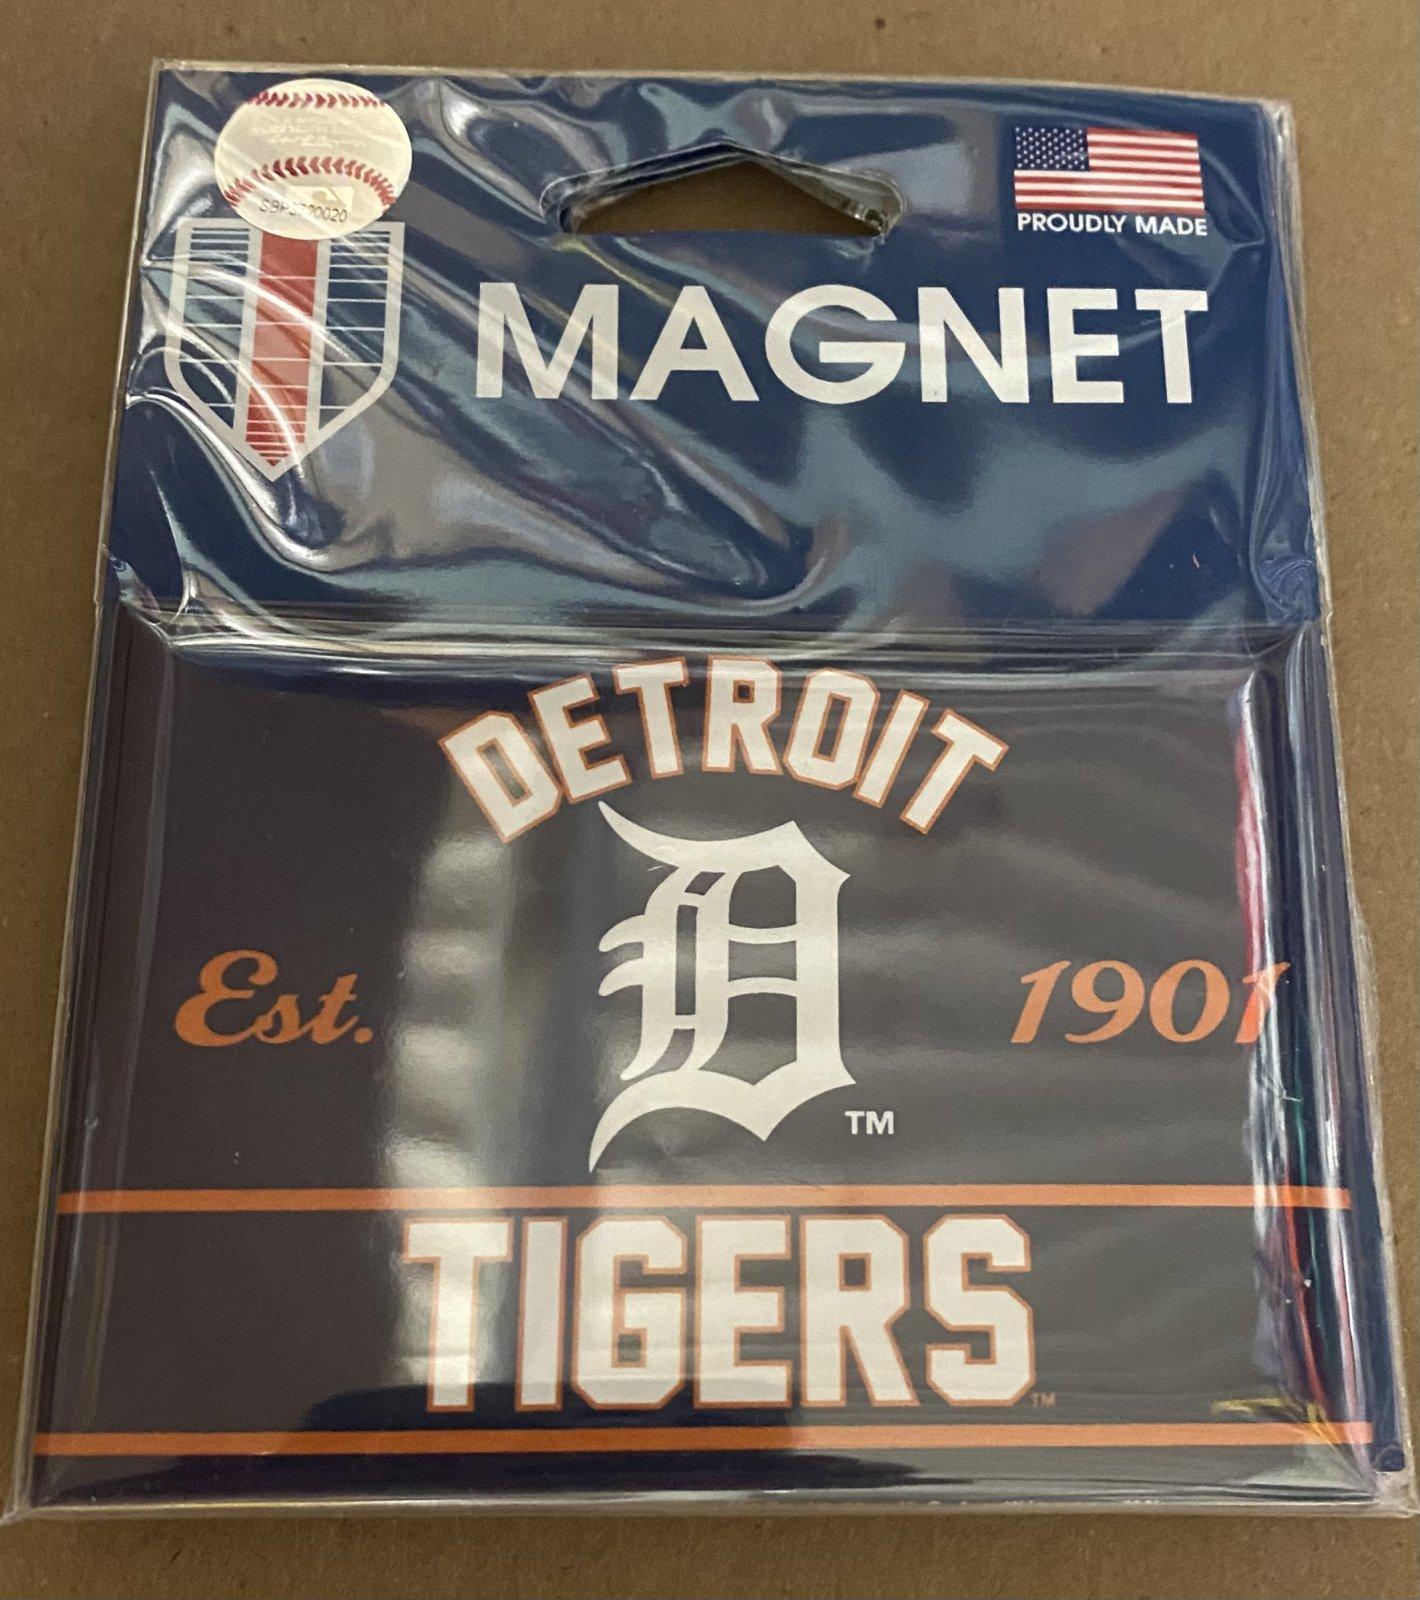 Detroit Tigers 1901 5x3 Magnet